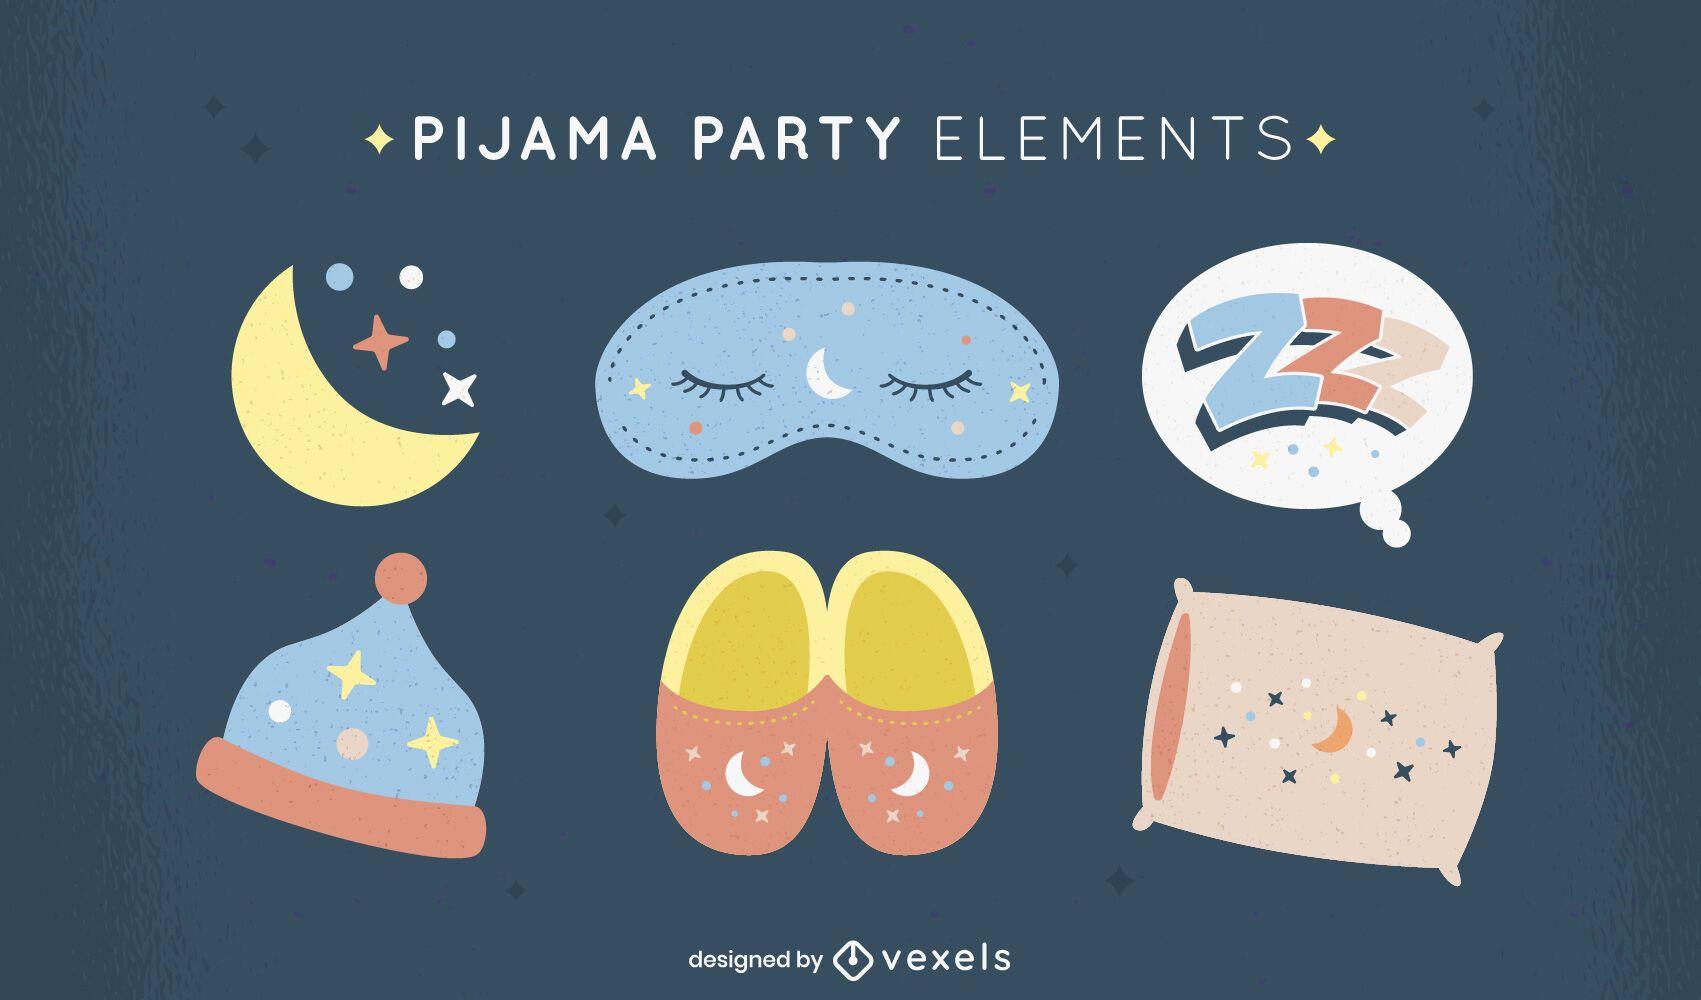 Sleepover pajama party element set